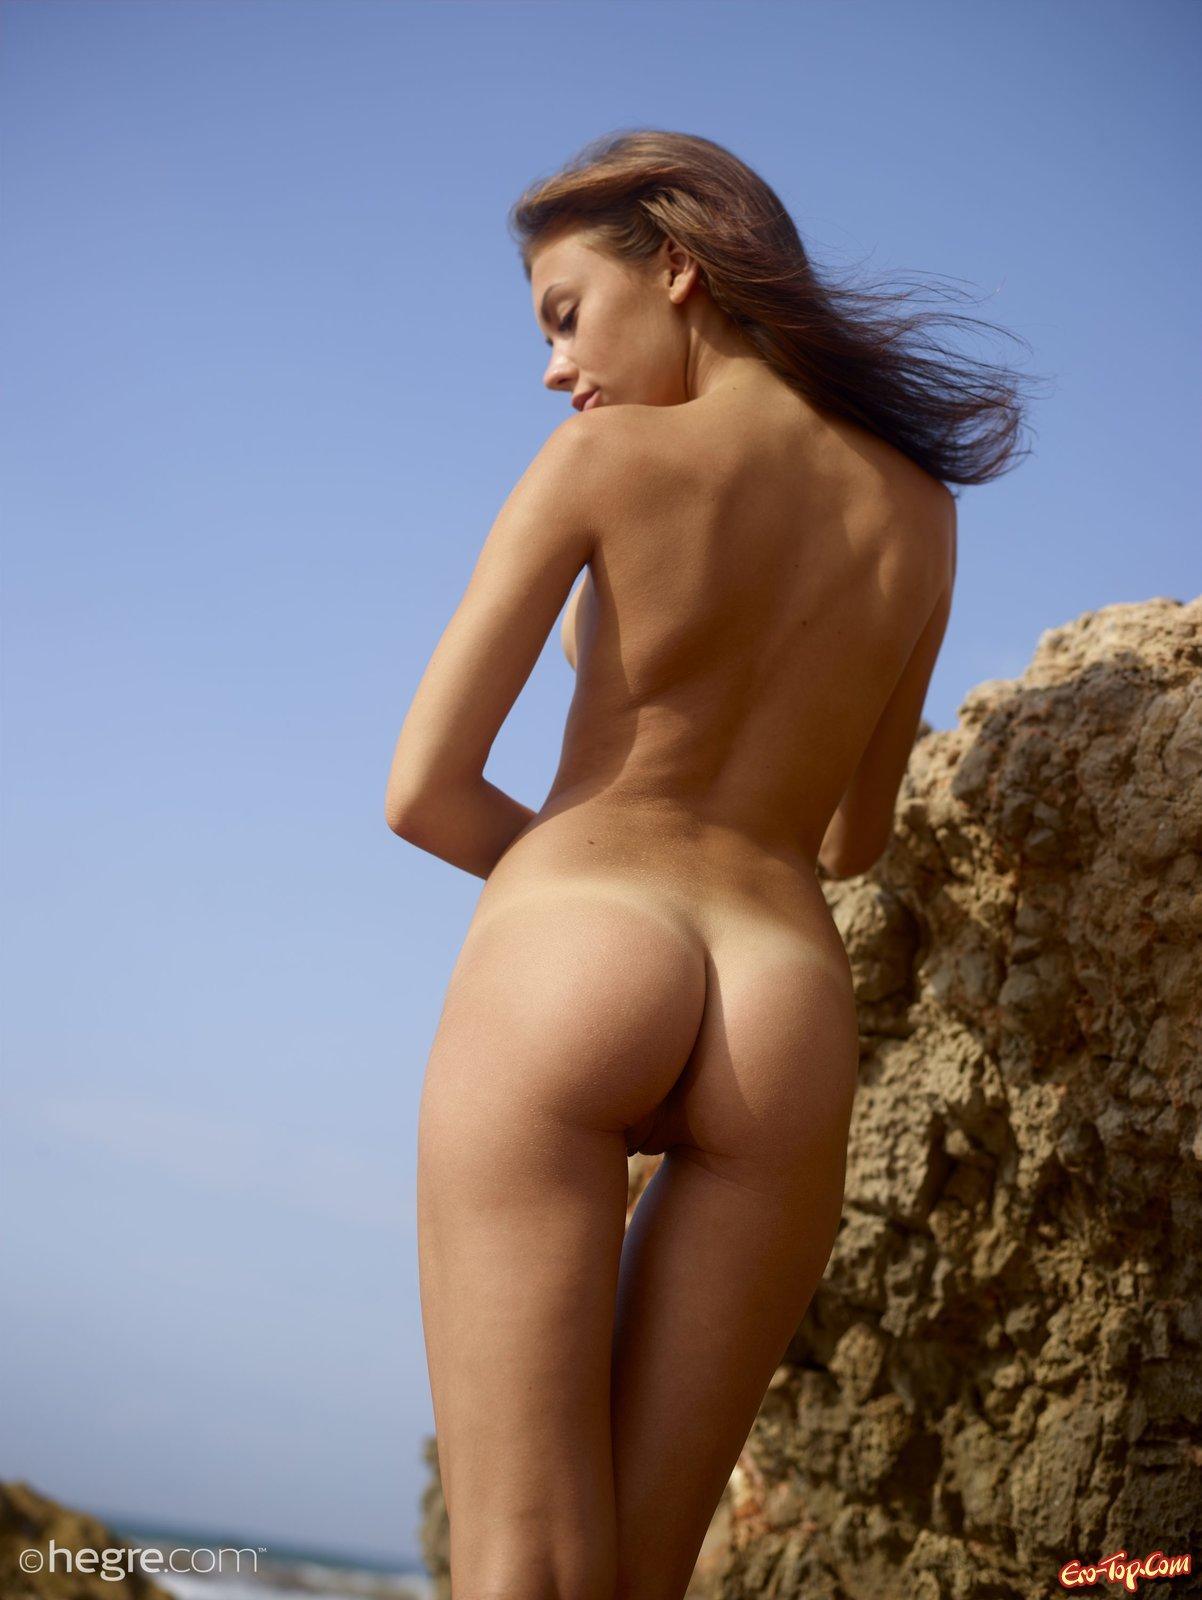 Игривая смуглая худышка выставила напоказ голые сиси на пляже